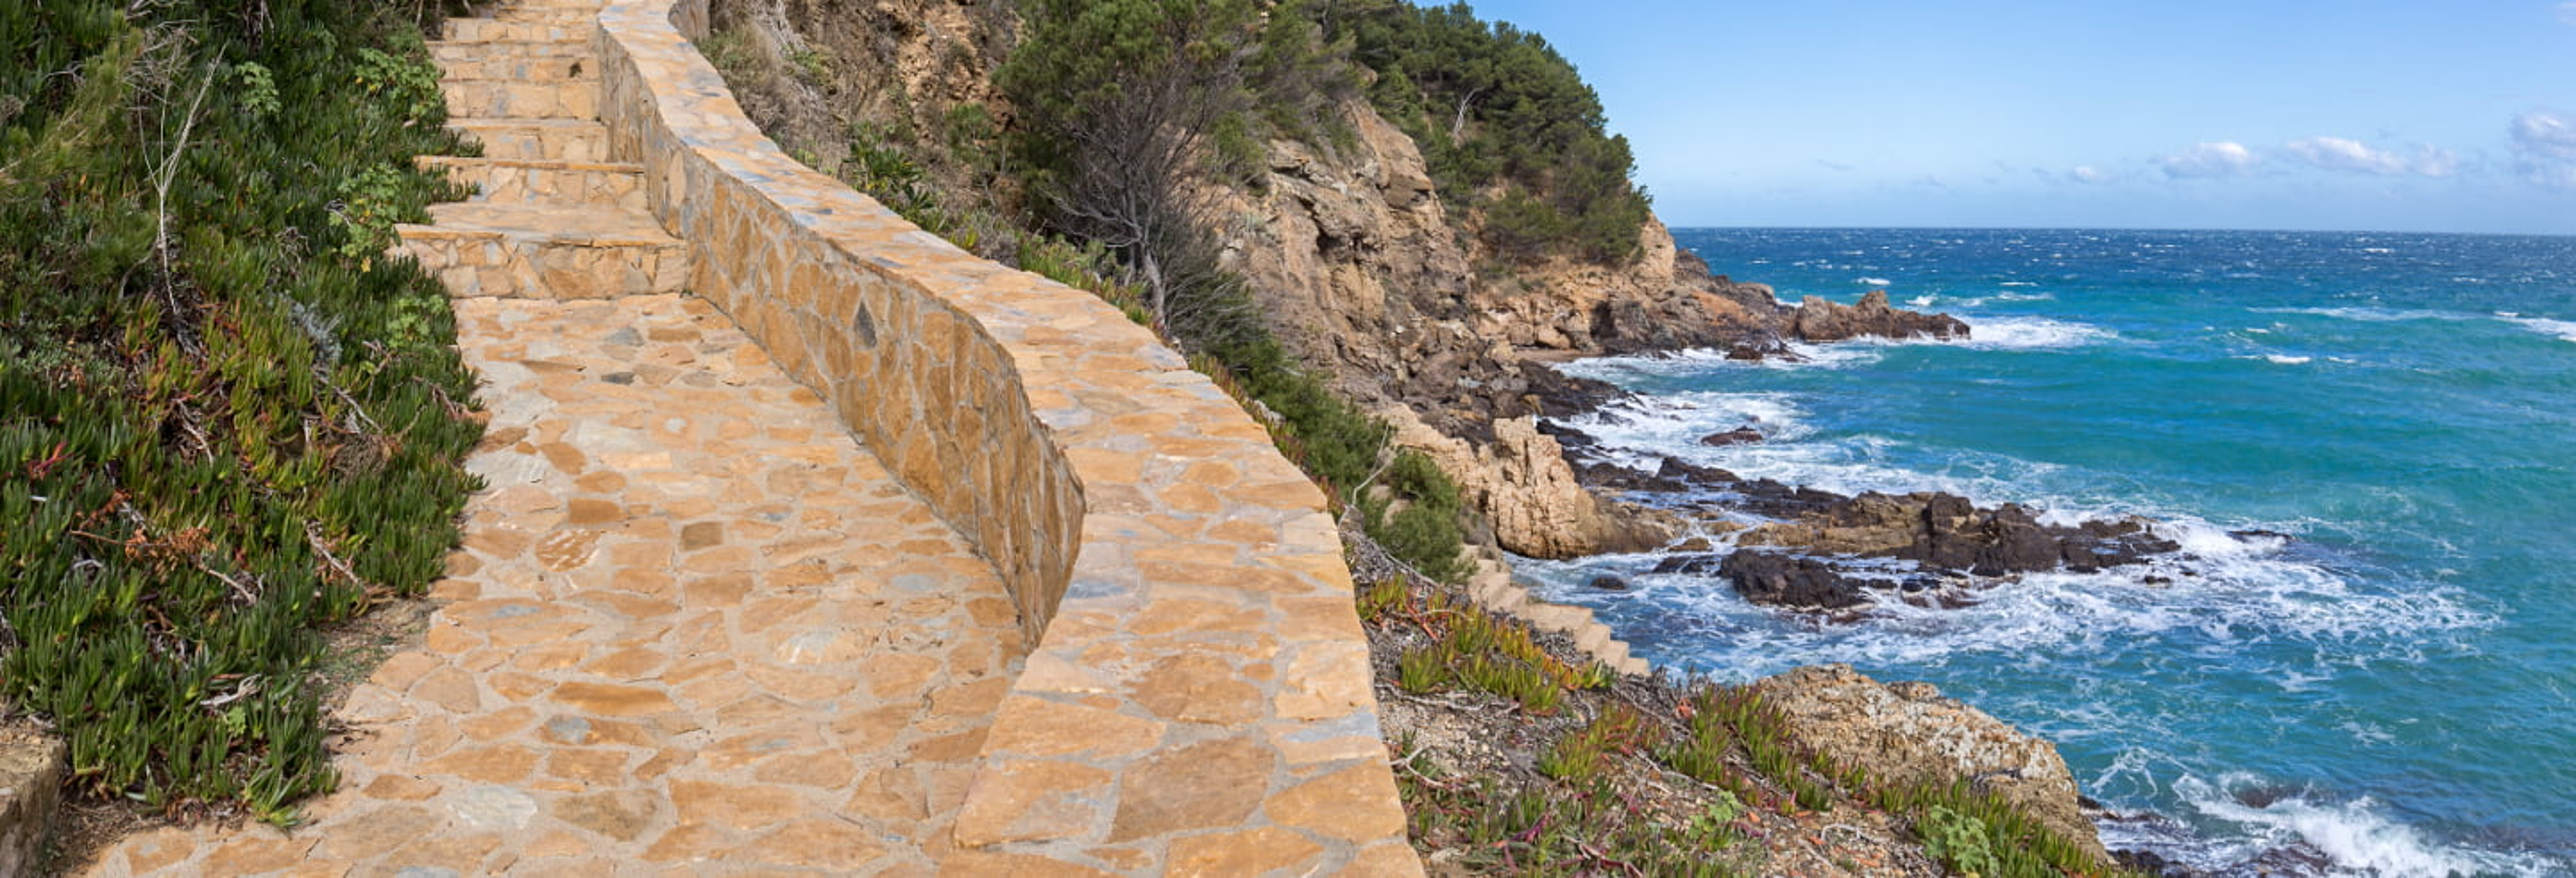 Senderismo y snorkel por la Costa Brava